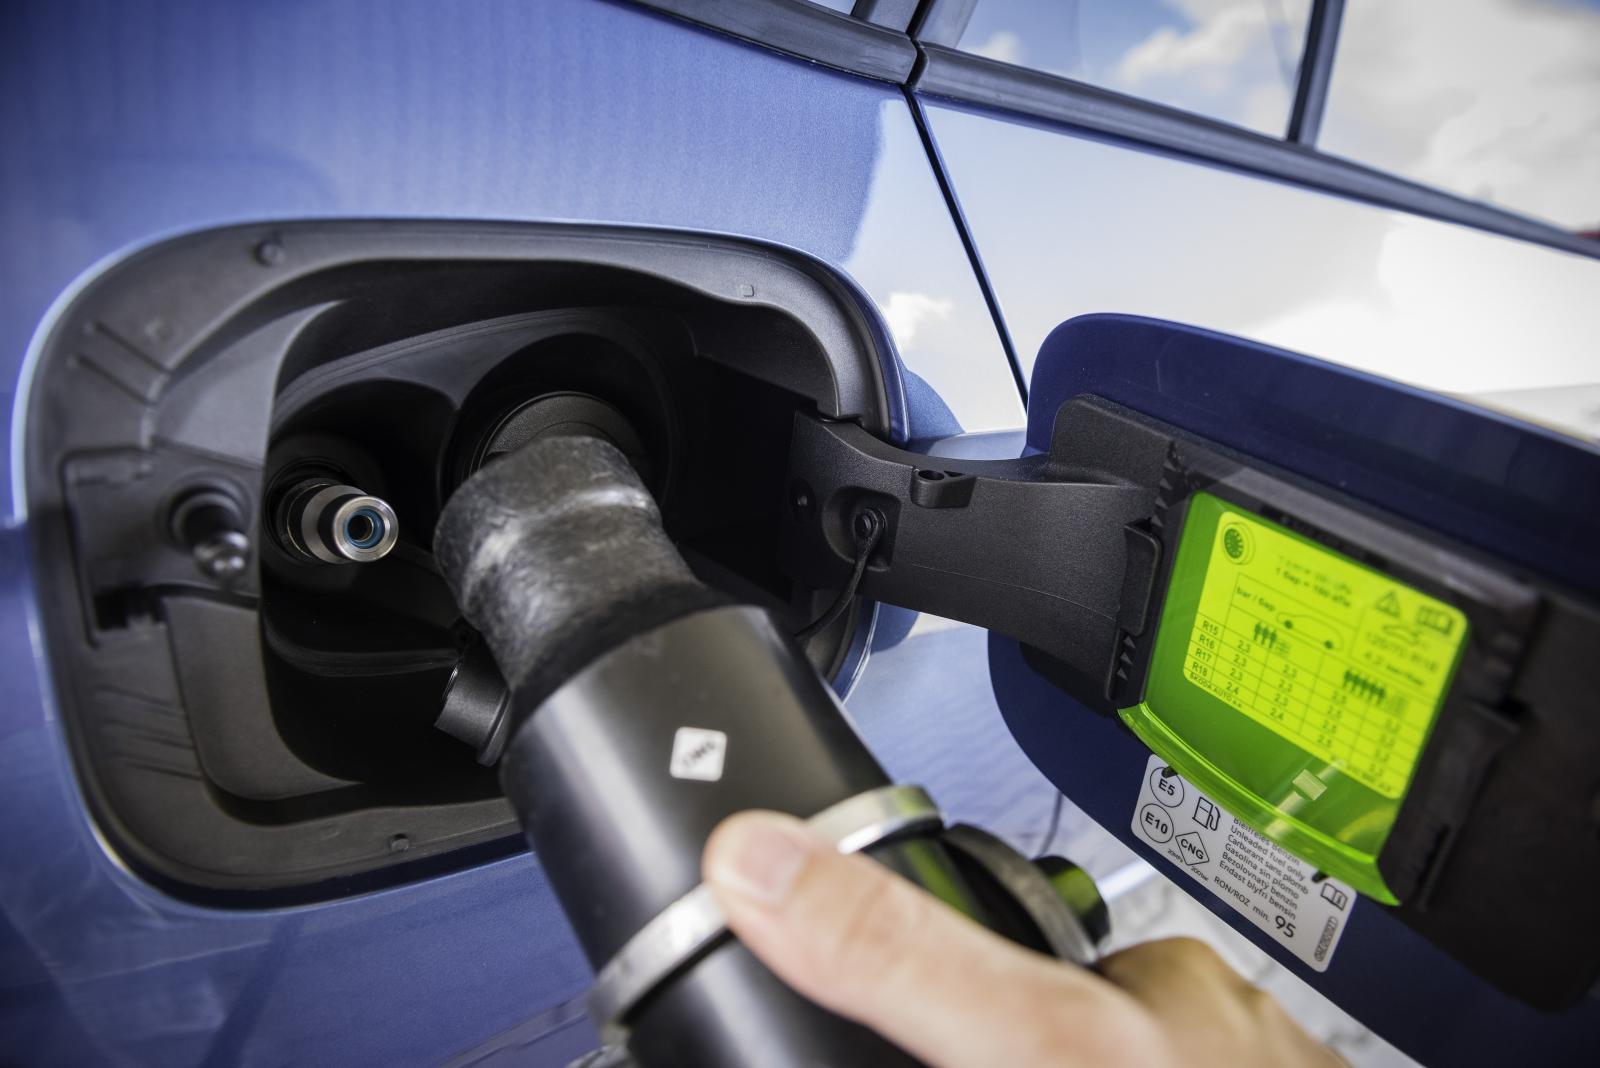 Skoda Octavia G-Tec officiell – ny gasbil med minimal bensintank